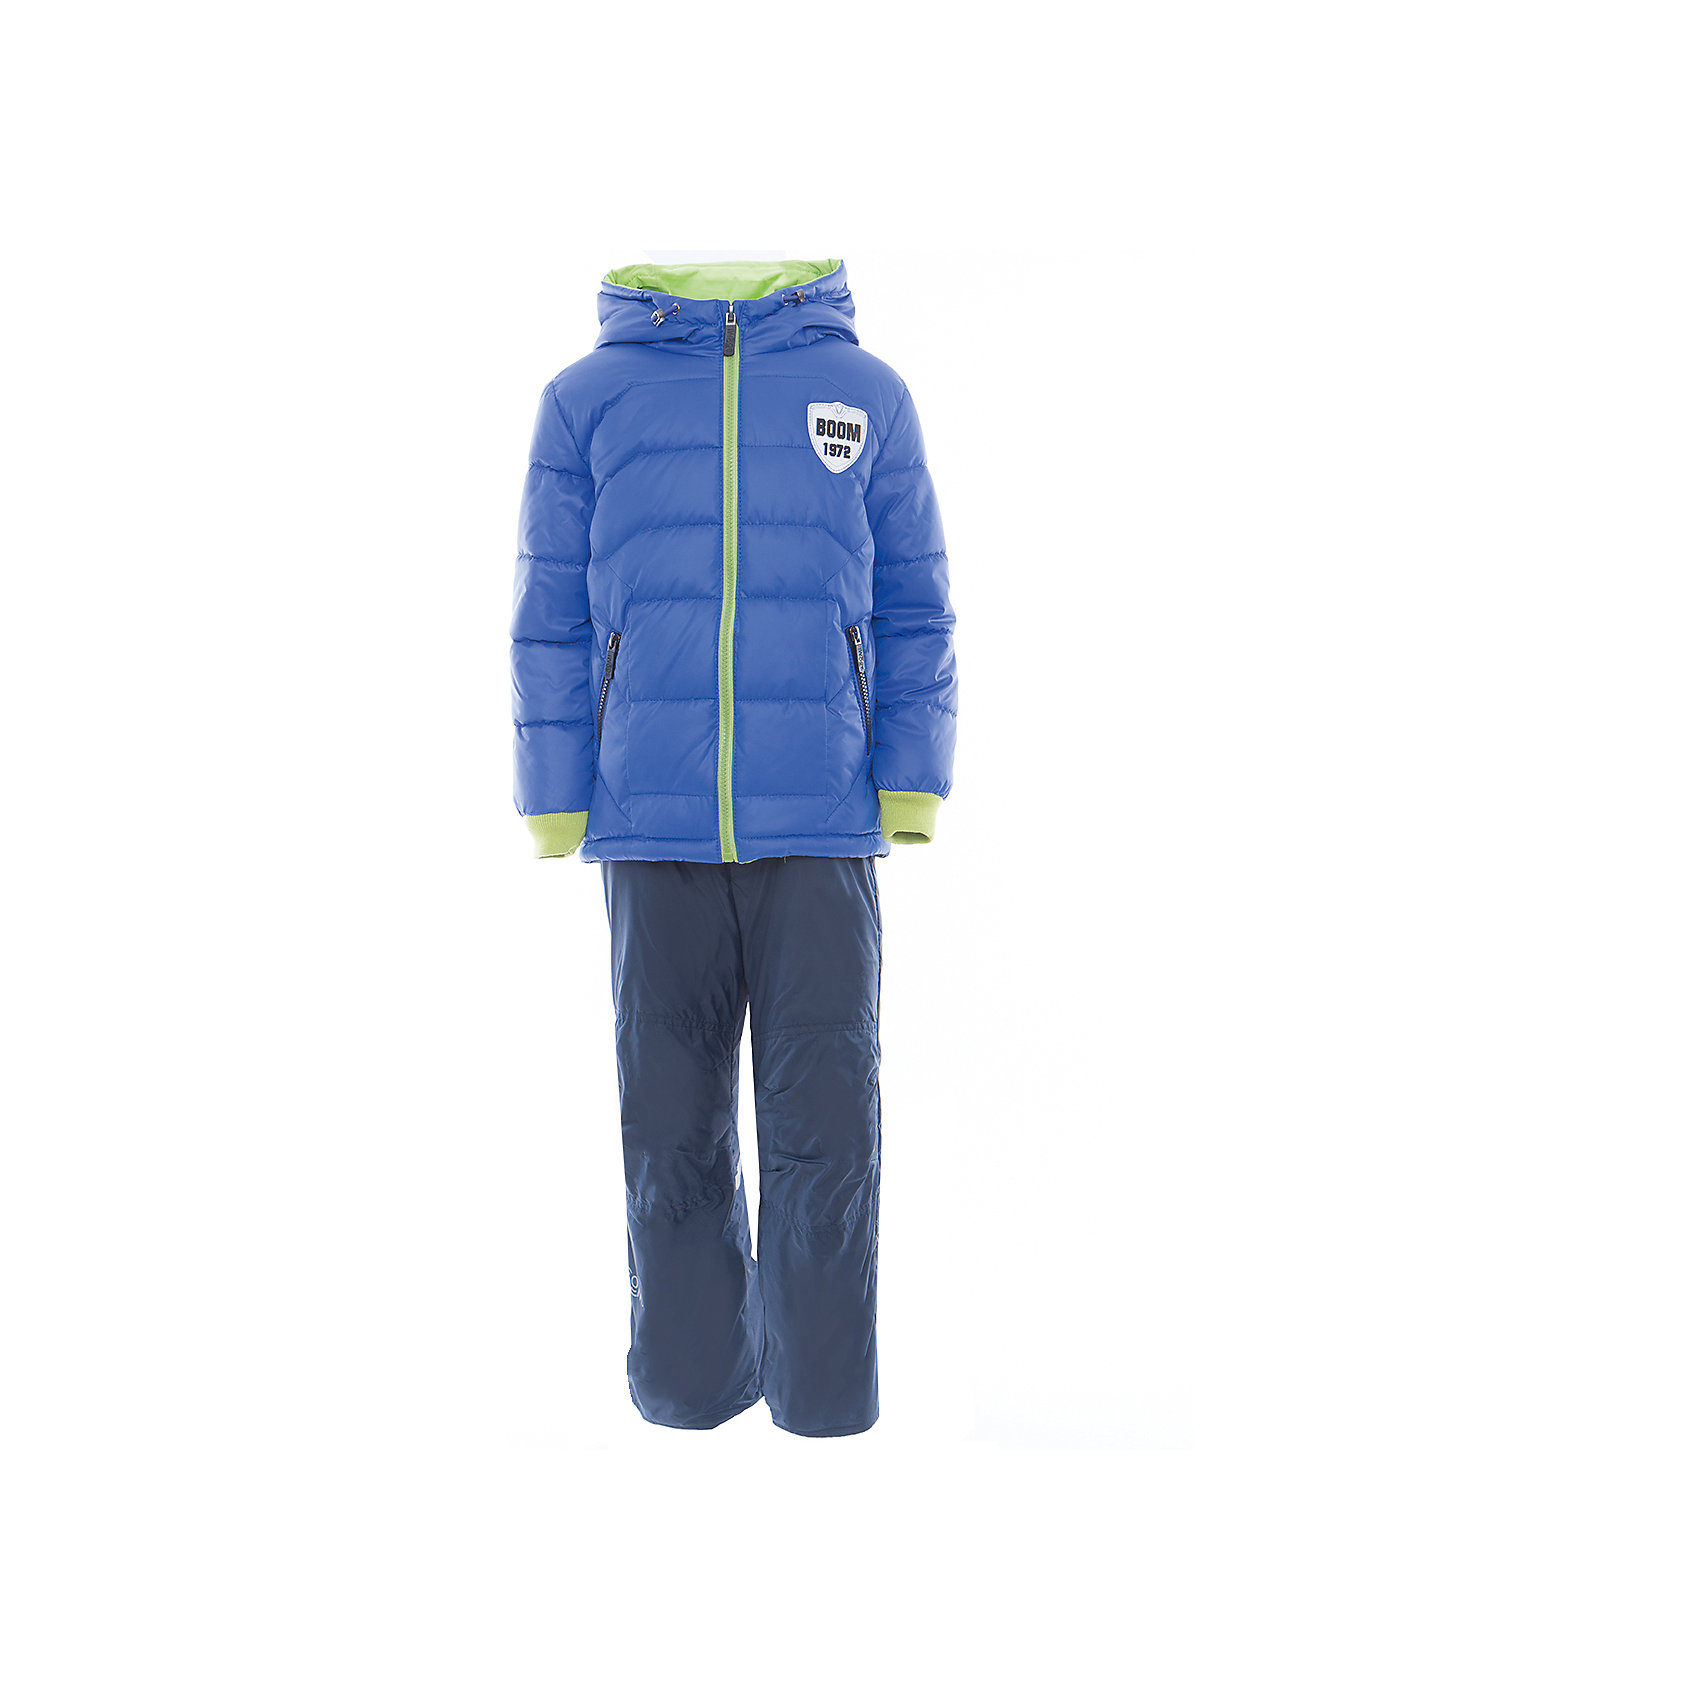 Комплект для мальчика BOOM by OrbyВерхняя одежда<br>Характеристики товара:<br><br>• цвет: синий<br>• состав: <br>курточка: верх - таффета, болонь, подкладка - поликоттон, полиэстер, утеплитель: Flexy Fiber 150 г/м2<br>брюки: подкладка - флис<br>• комплектация: куртка, брюки<br>• температурный режим: от -5 С° до +10 С° <br>• карманы<br>• застежка - молния<br>• куртка декорирована вышивкой<br>• эластичные манжеты<br>• комфортная посадка<br>• страна производства: Российская Федерация<br>• страна бренда: Российская Федерация<br>• коллекция: весна-лето 2017<br><br>Такой комплект - универсальный вариант для межсезонья с постоянно меняющейся погодой. Эта модель - модная и удобная одновременно! Изделие отличается стильным ярким дизайном. Куртка и брюки хорошо сидят по фигуре, отлично сочетается с различной обувью. Модель была разработана специально для детей.<br><br>Одежда от российского бренда BOOM by Orby уже завоевала популярностью у многих детей и их родителей. Вещи, выпускаемые компанией, качественные, продуманные и очень удобные. Для производства коллекций используются только безопасные для детей материалы. Спешите приобрести модели из новой коллекции Весна-лето 2017! <br><br>Комплект для мальчика от бренда BOOM by Orby можно купить в нашем интернет-магазине.<br><br>Ширина мм: 356<br>Глубина мм: 10<br>Высота мм: 245<br>Вес г: 519<br>Цвет: синий<br>Возраст от месяцев: 72<br>Возраст до месяцев: 84<br>Пол: Мужской<br>Возраст: Детский<br>Размер: 122,104,86,92,98,110,116<br>SKU: 5343390